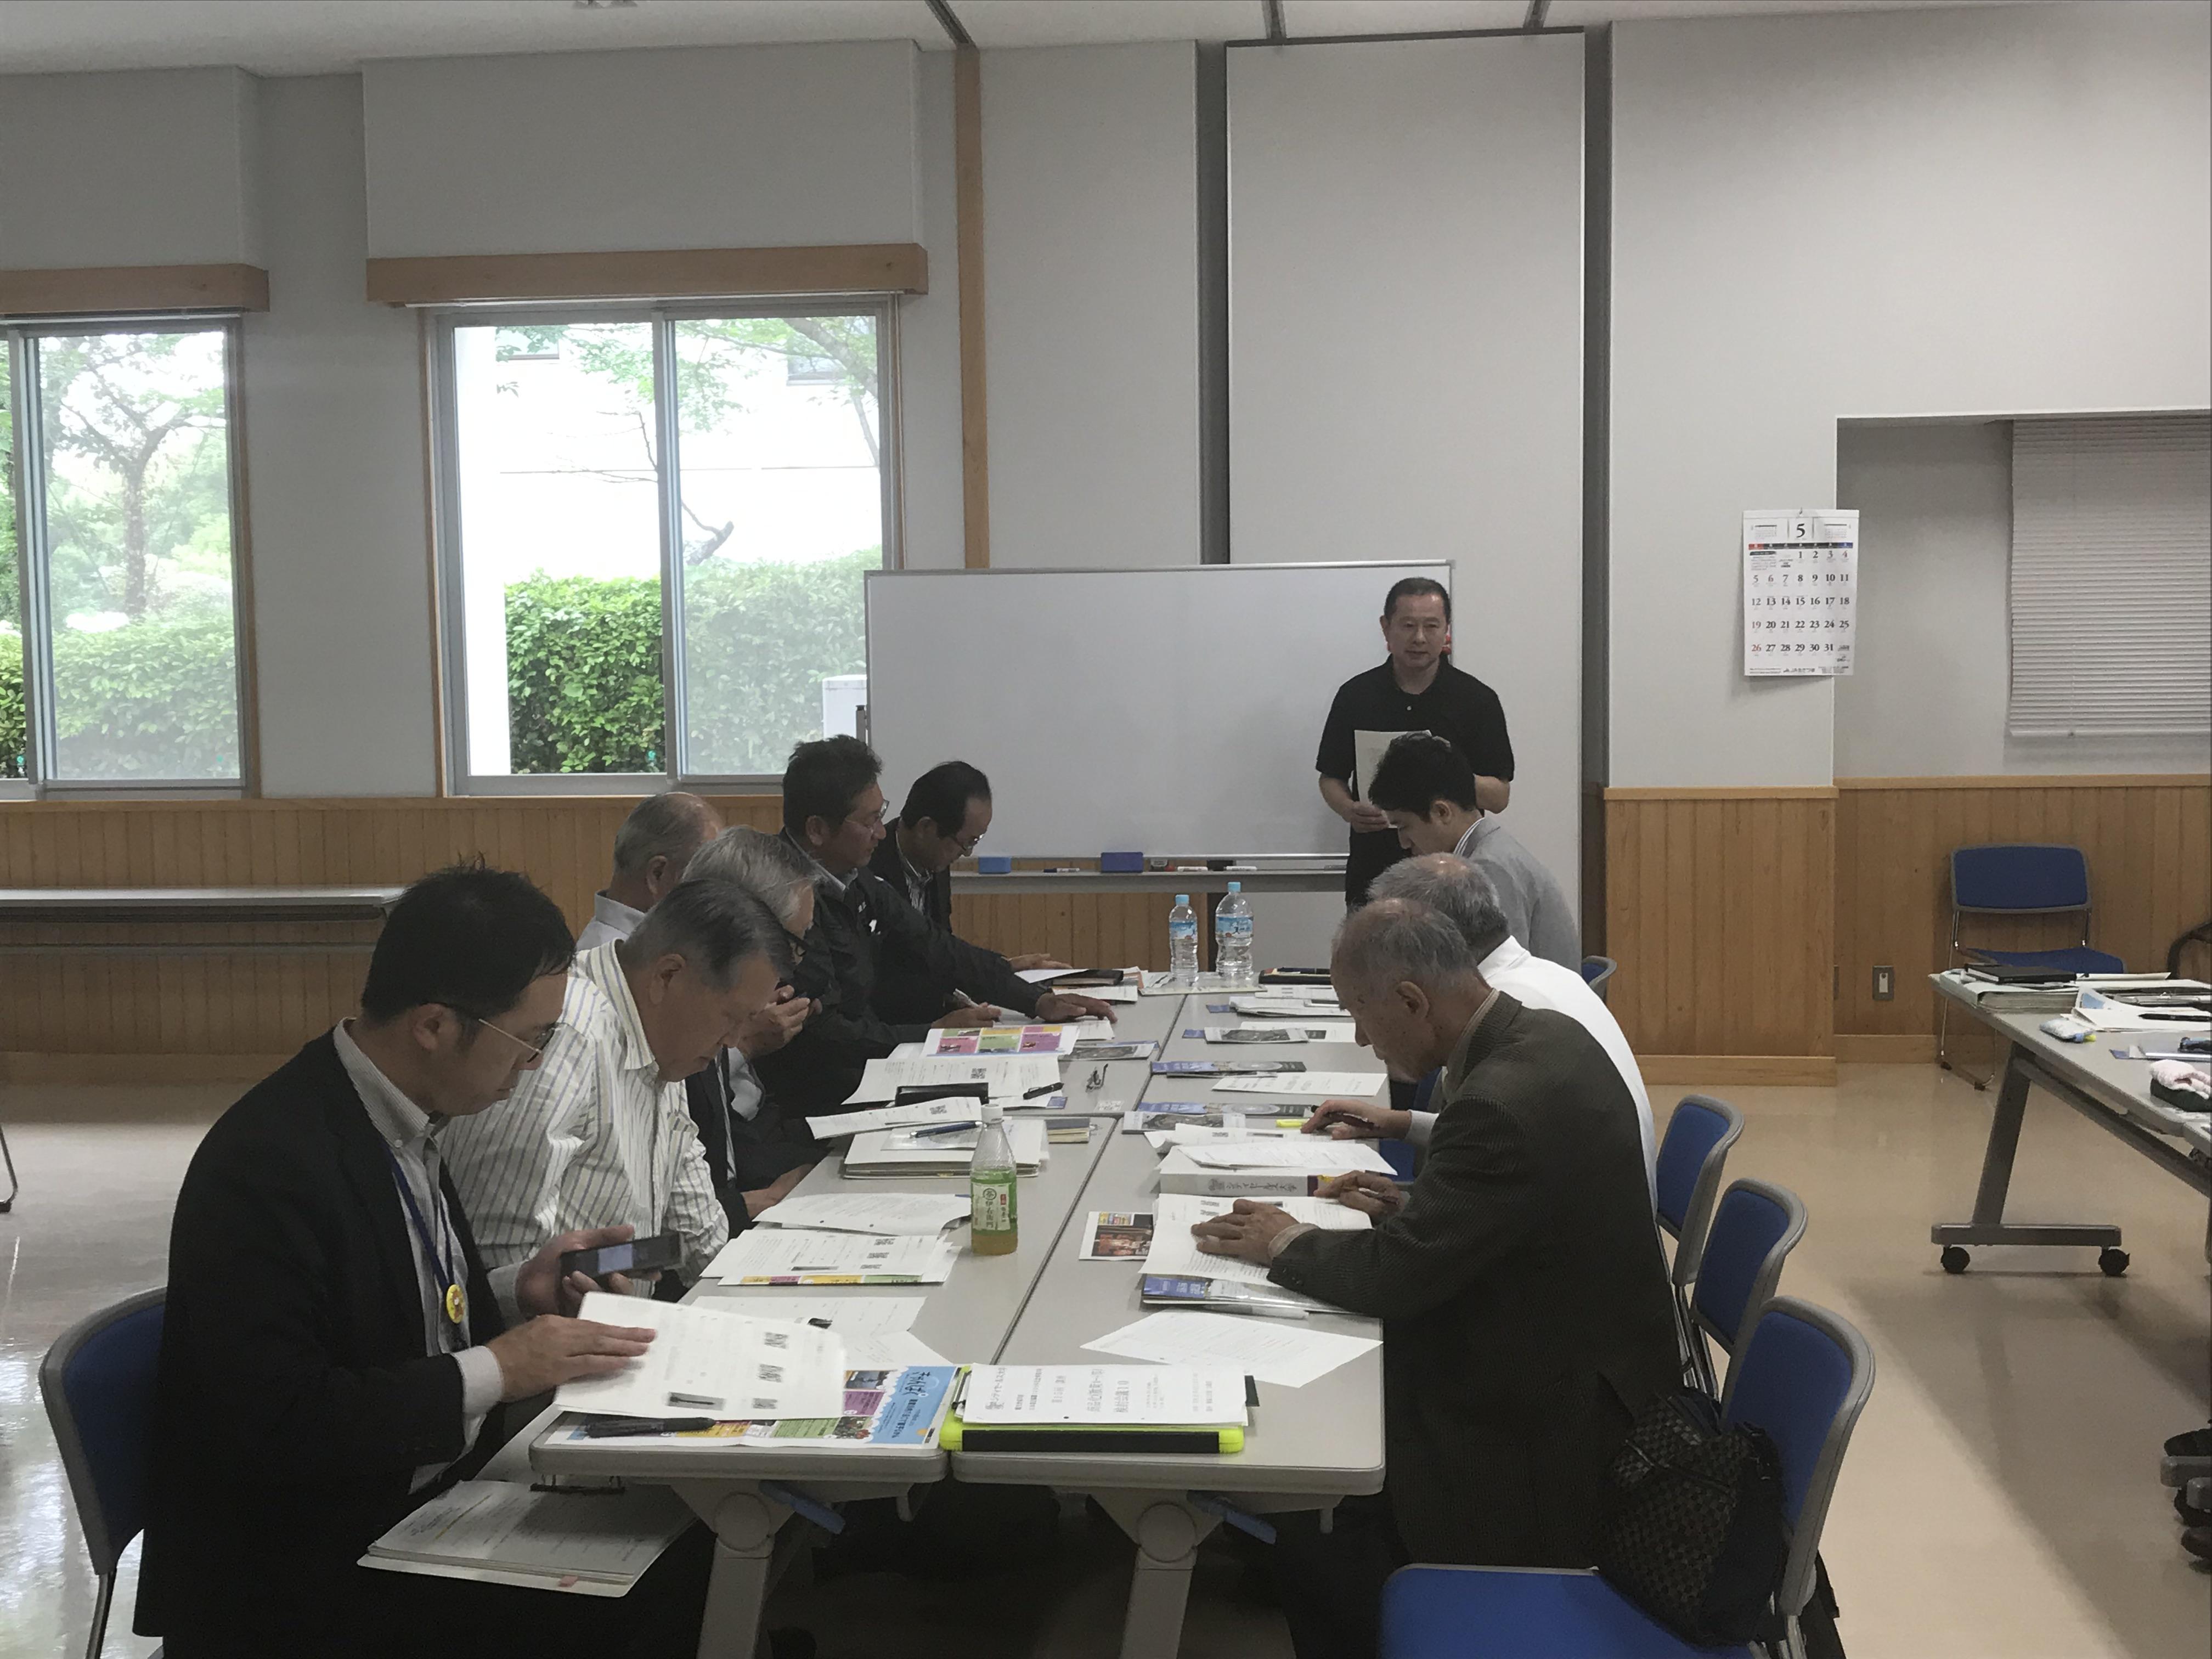 日本書紀編纂1300年記念事業学科 第16回講座のご案内